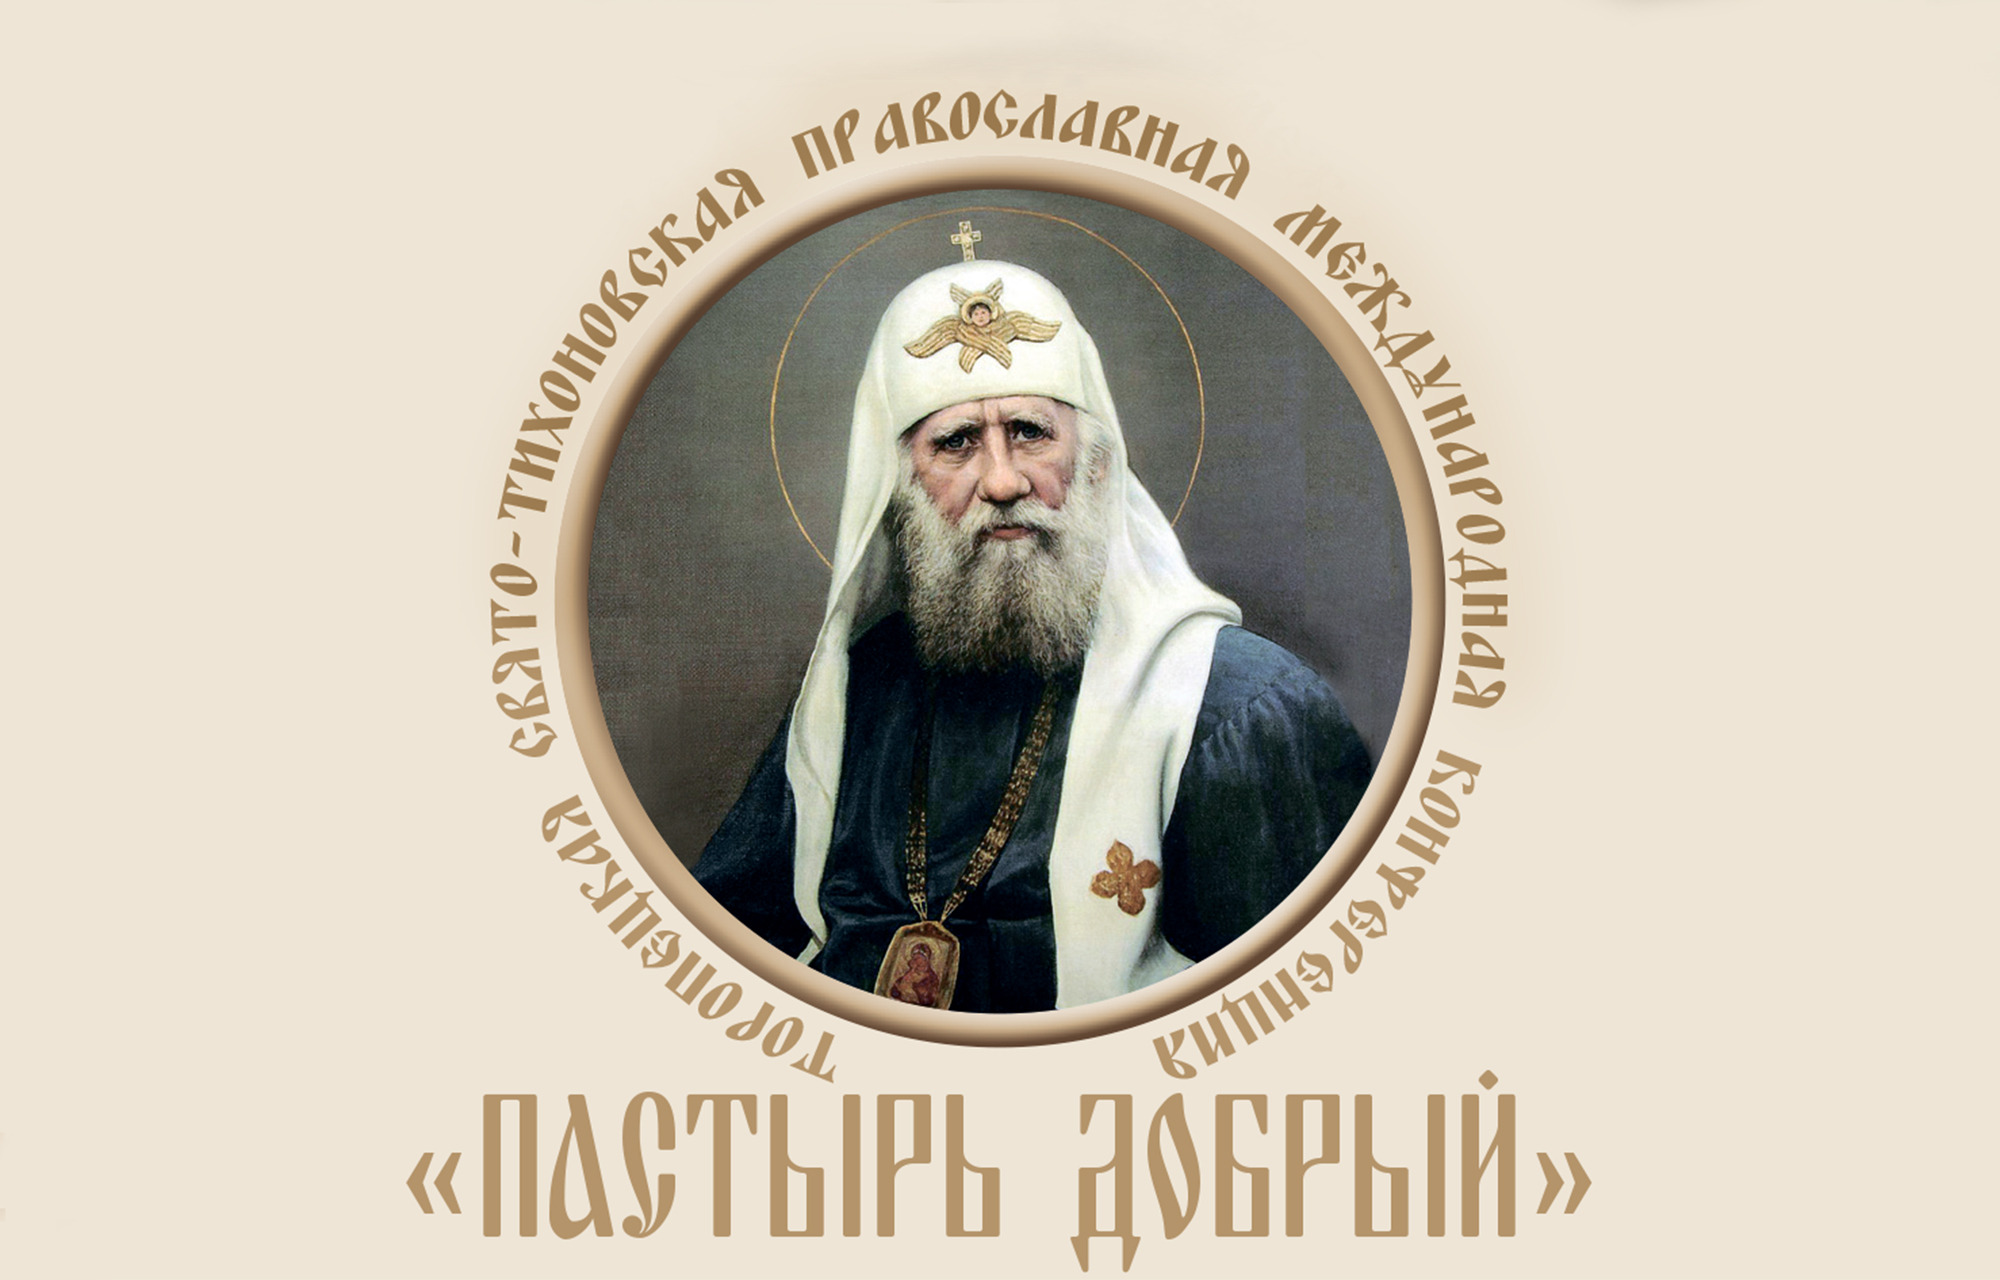 «Пастырь добрый»: в Тверской области проходит православная международная научно-практическая конференция